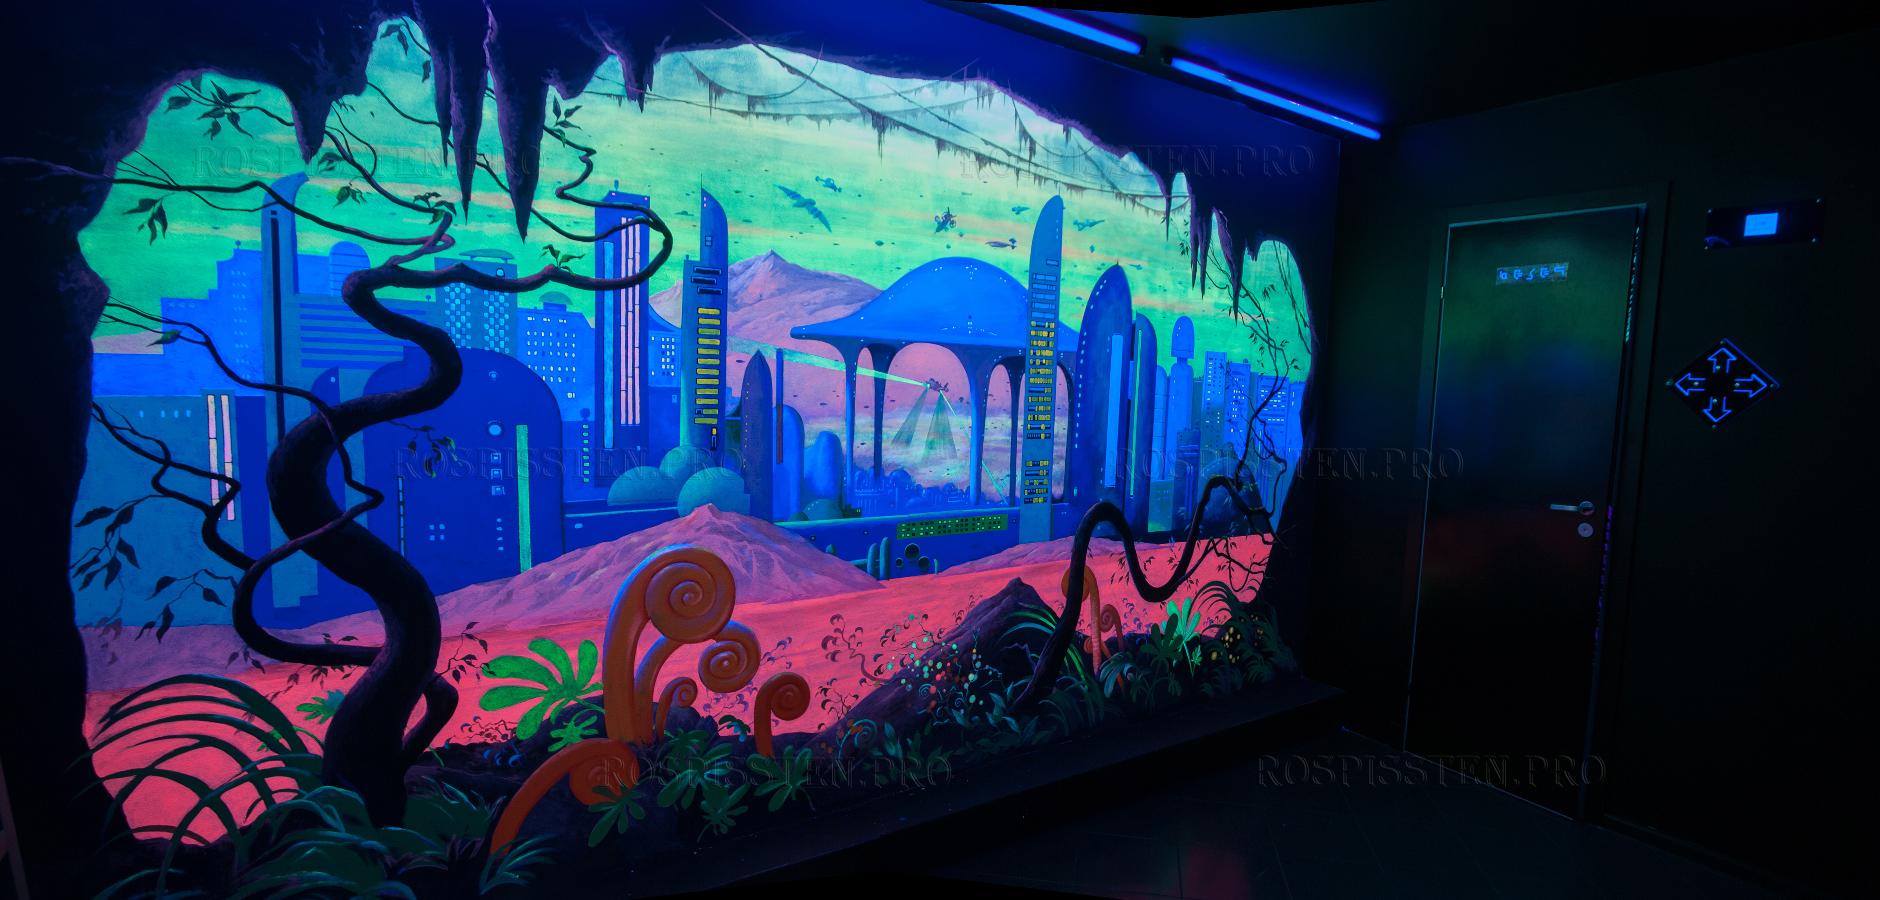 роспись светящимися красками в интерьере